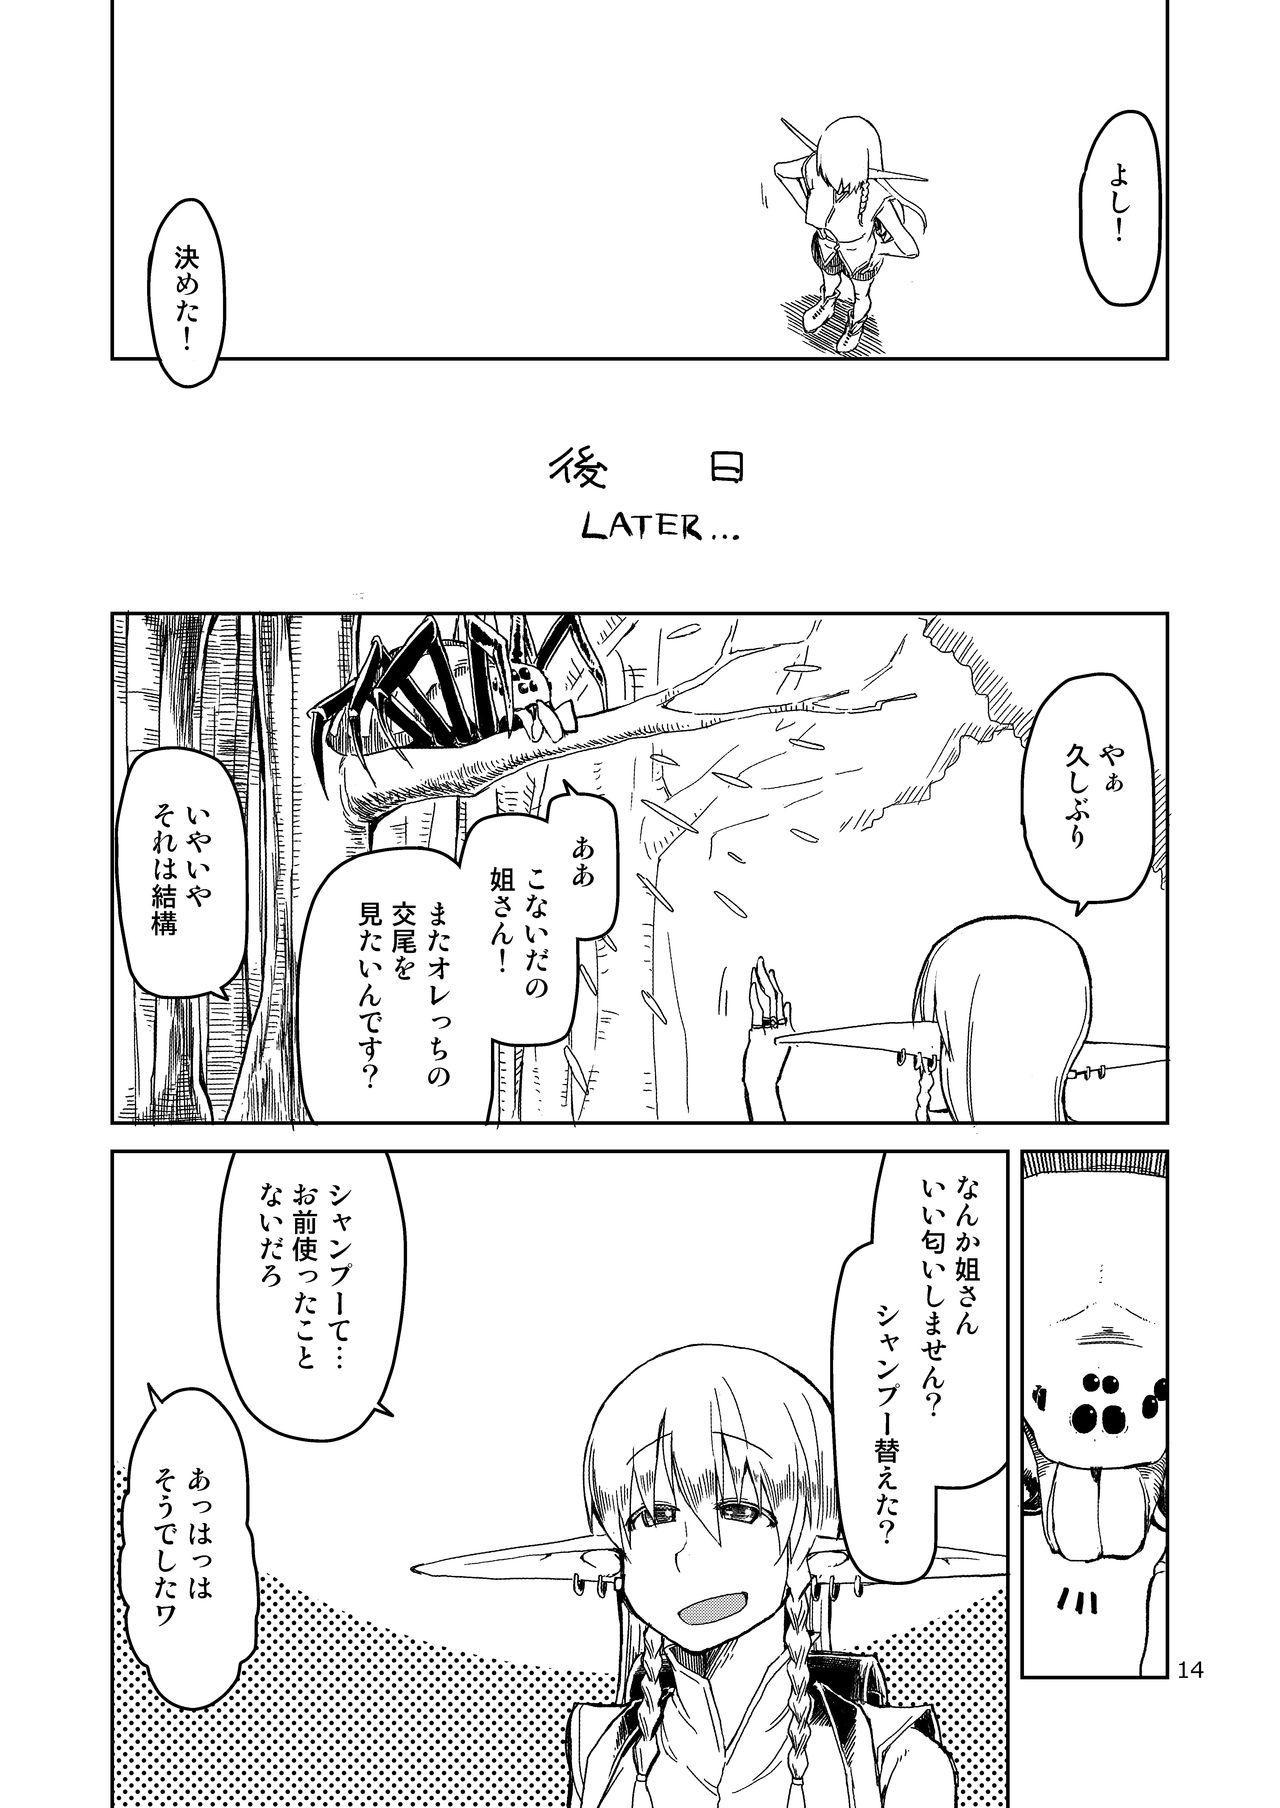 Dosukebe Elf no Ishukan Nikki Matome 2 14